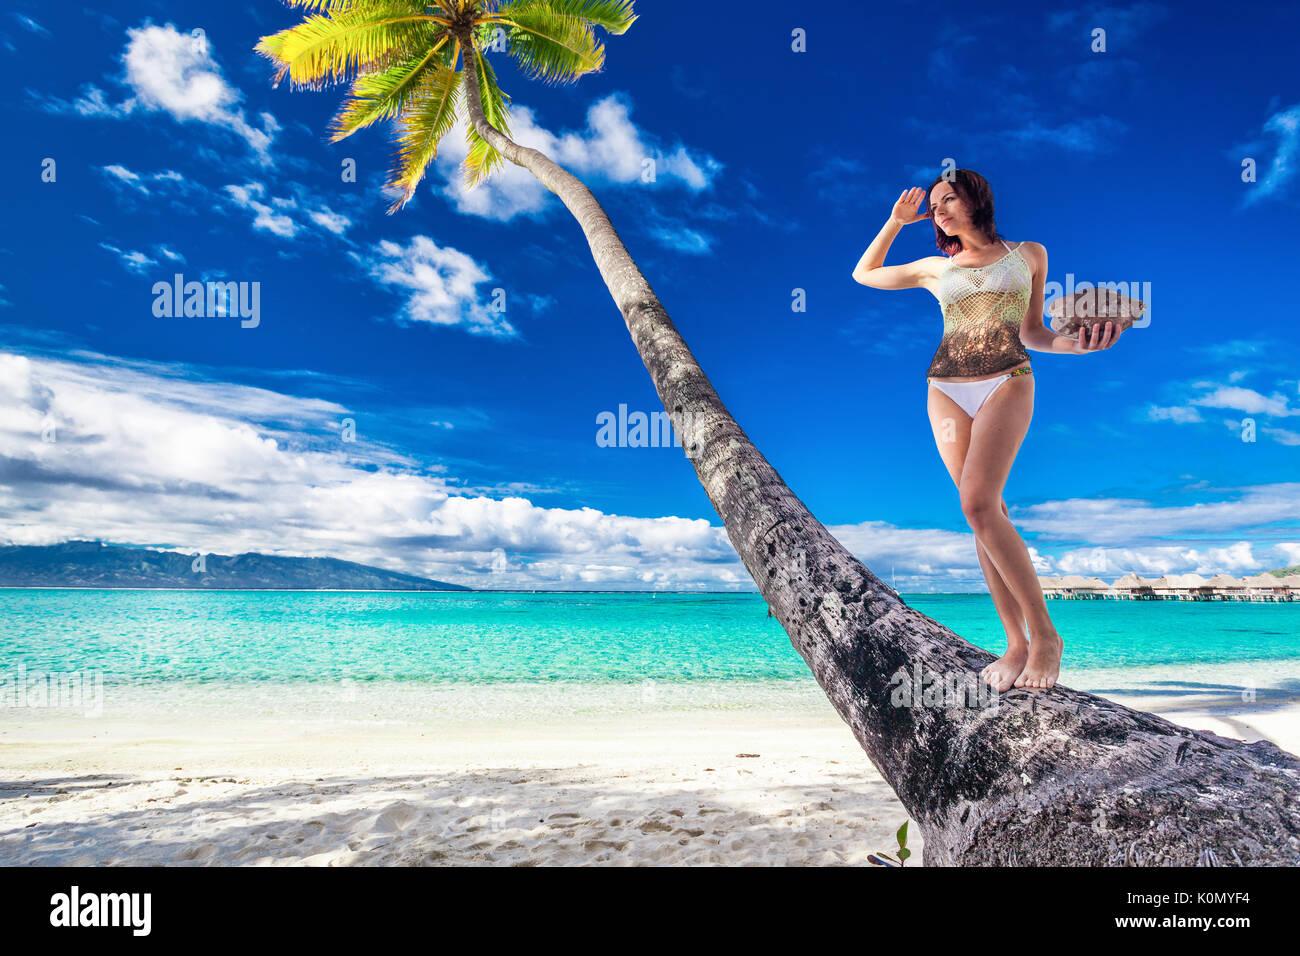 Giovane bella ragazza in bikini con noce di cocco sul palm tree su una spiaggia tropicale Immagini Stock